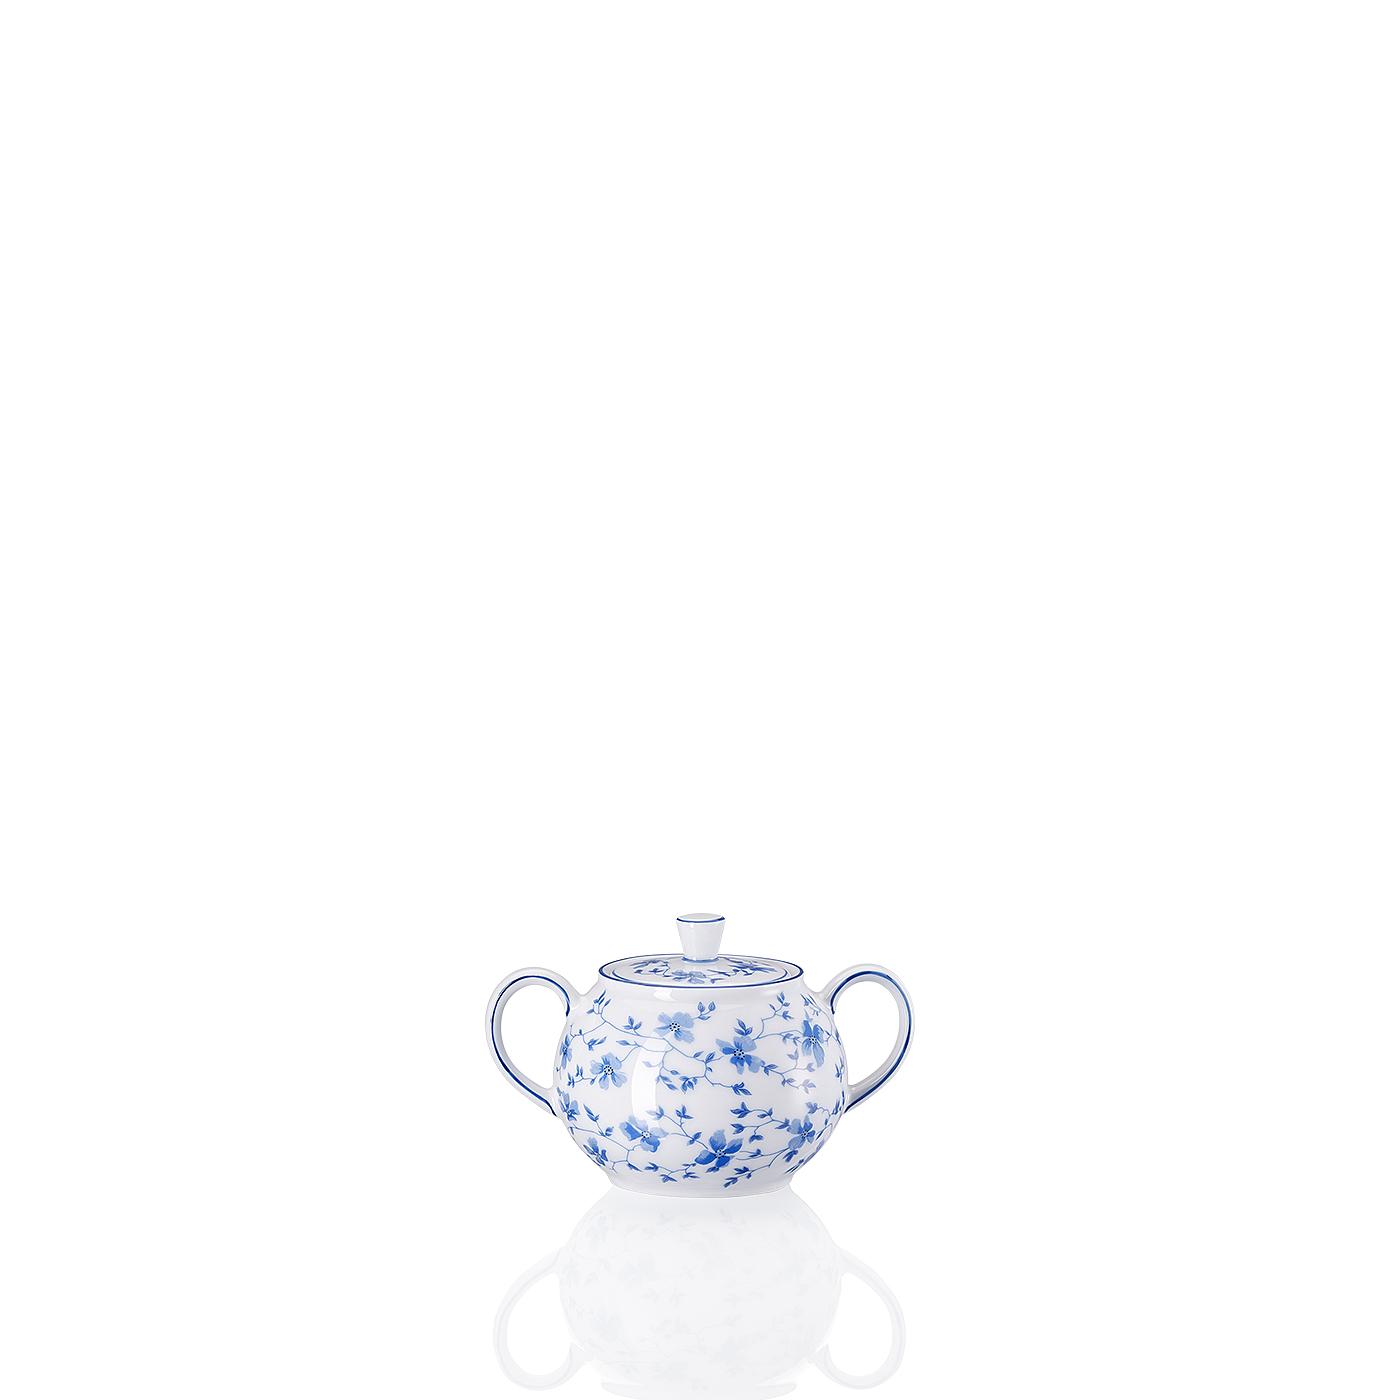 Zuckerdose 2 P. Form 1382 Blaublüten Arzberg